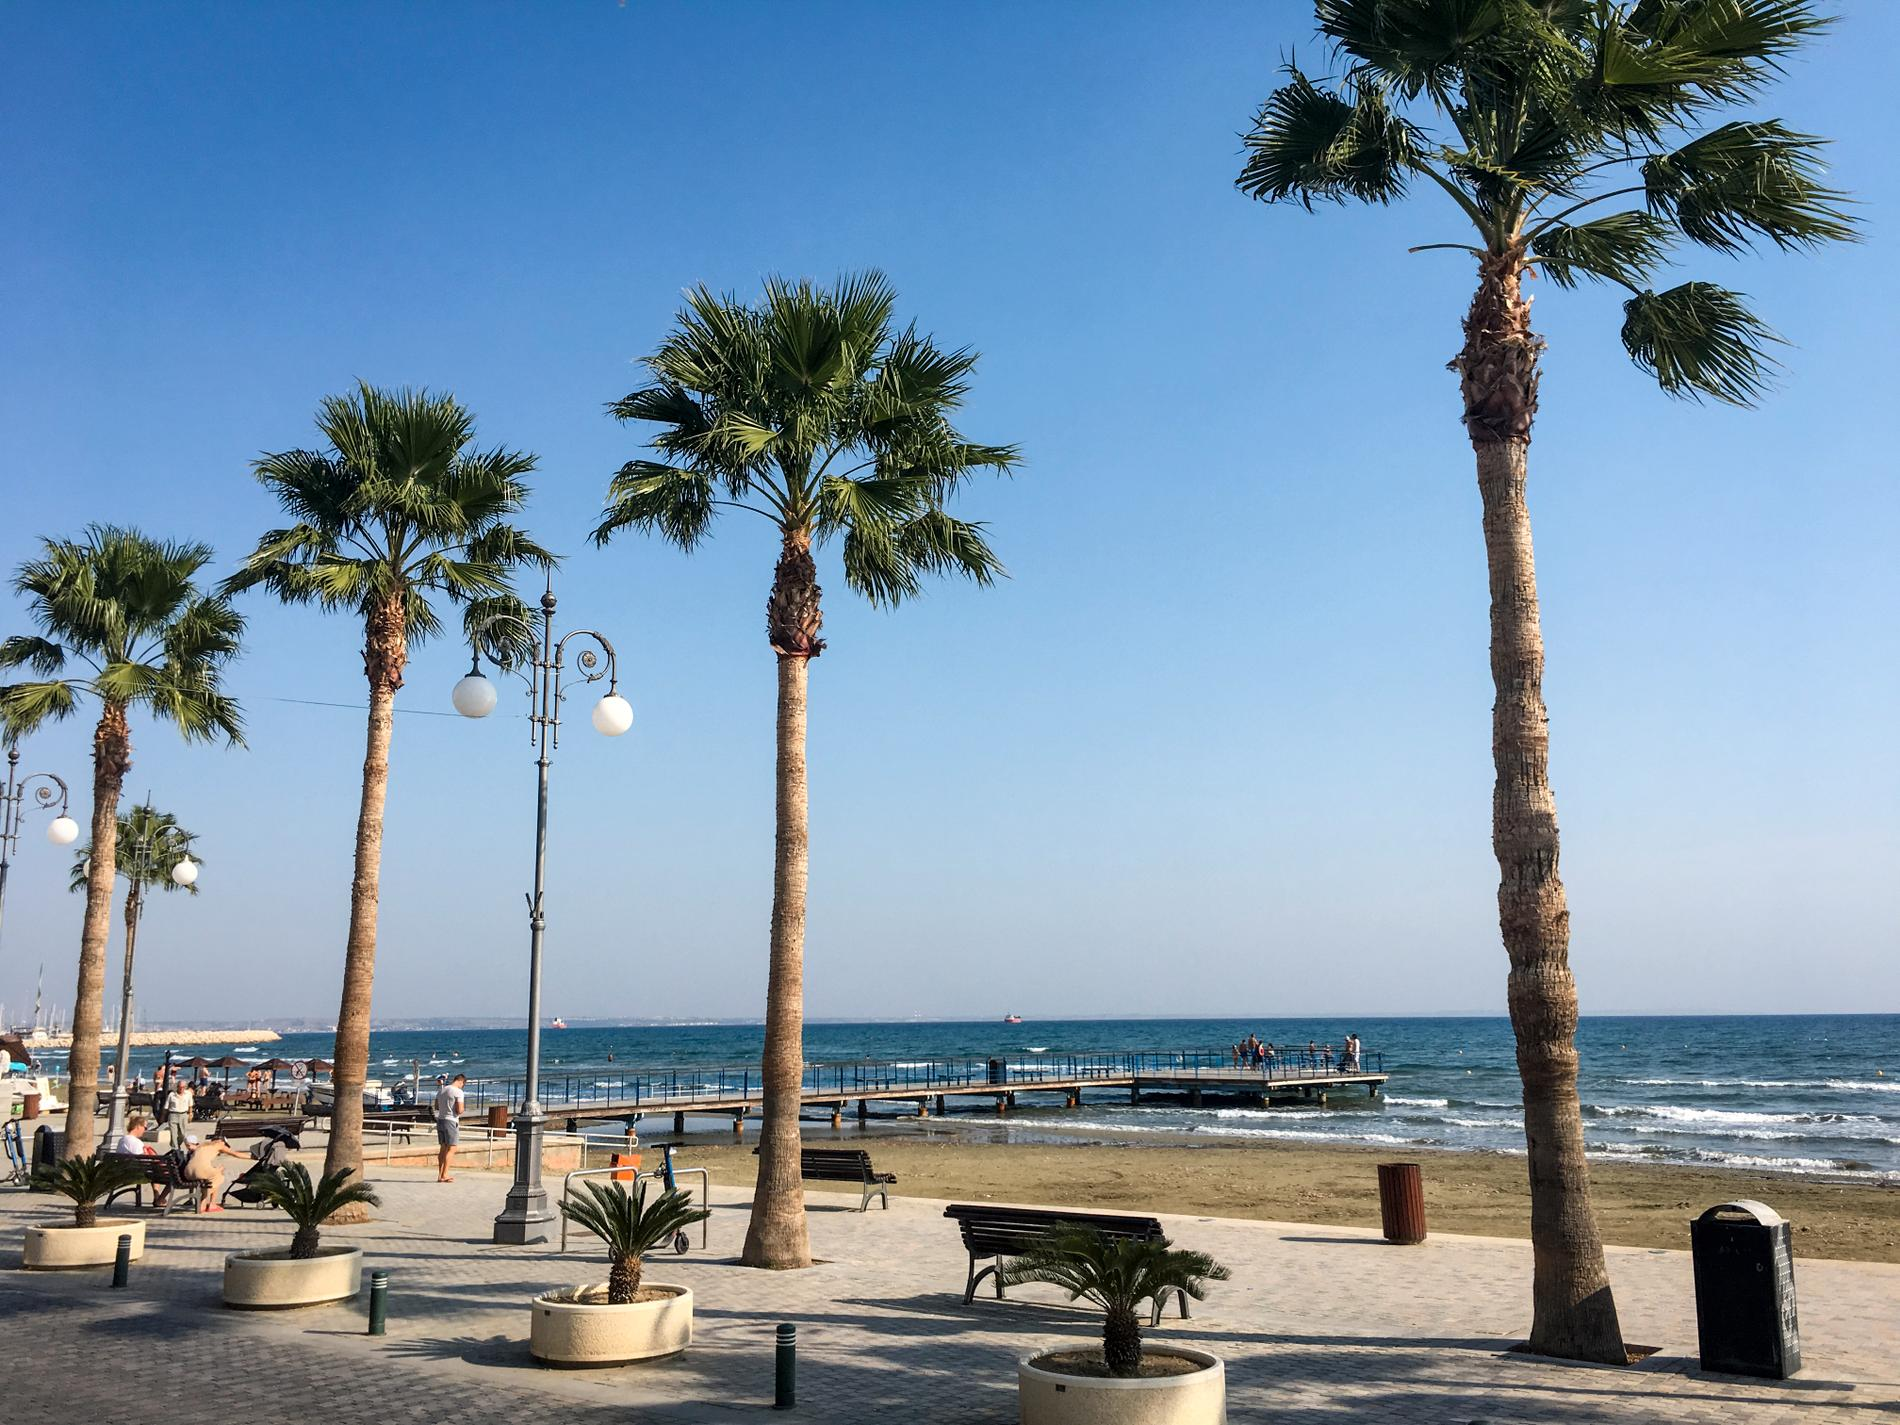 Palmer på stranden i Larnaca